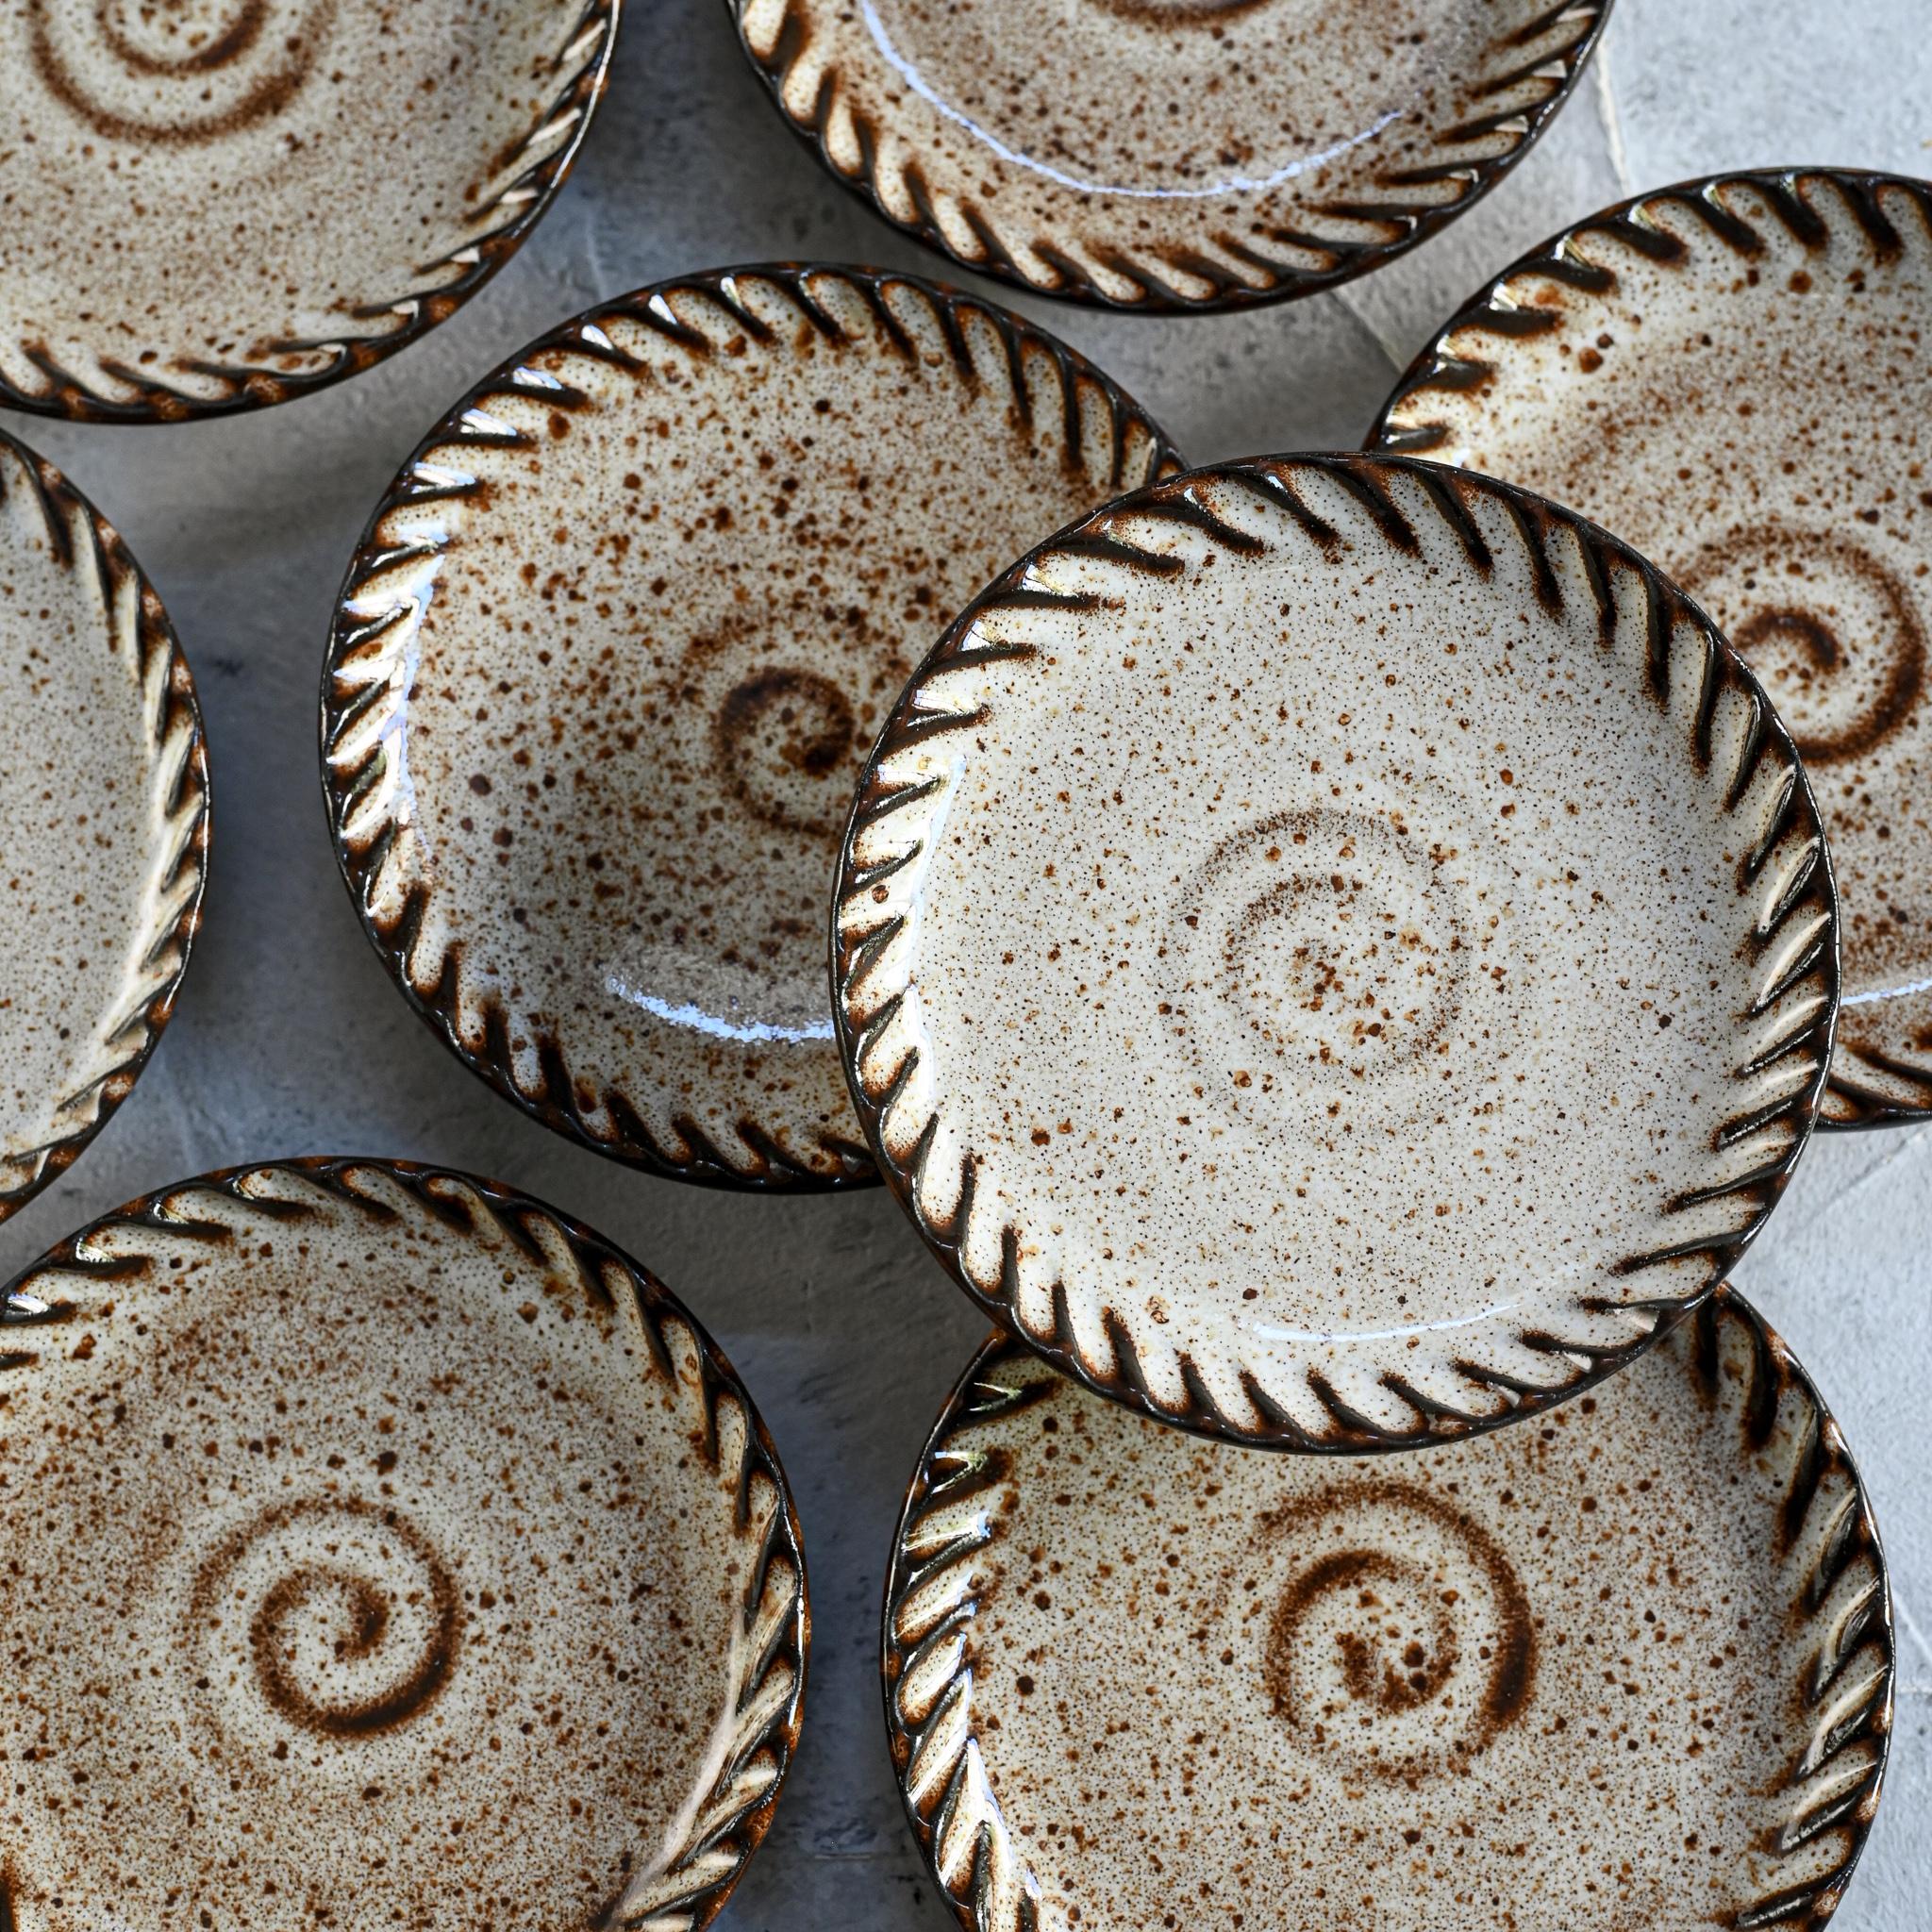 """картинка Керамическая тарелка из серии """"Линии"""" 10 см - DishWishes.Ru"""